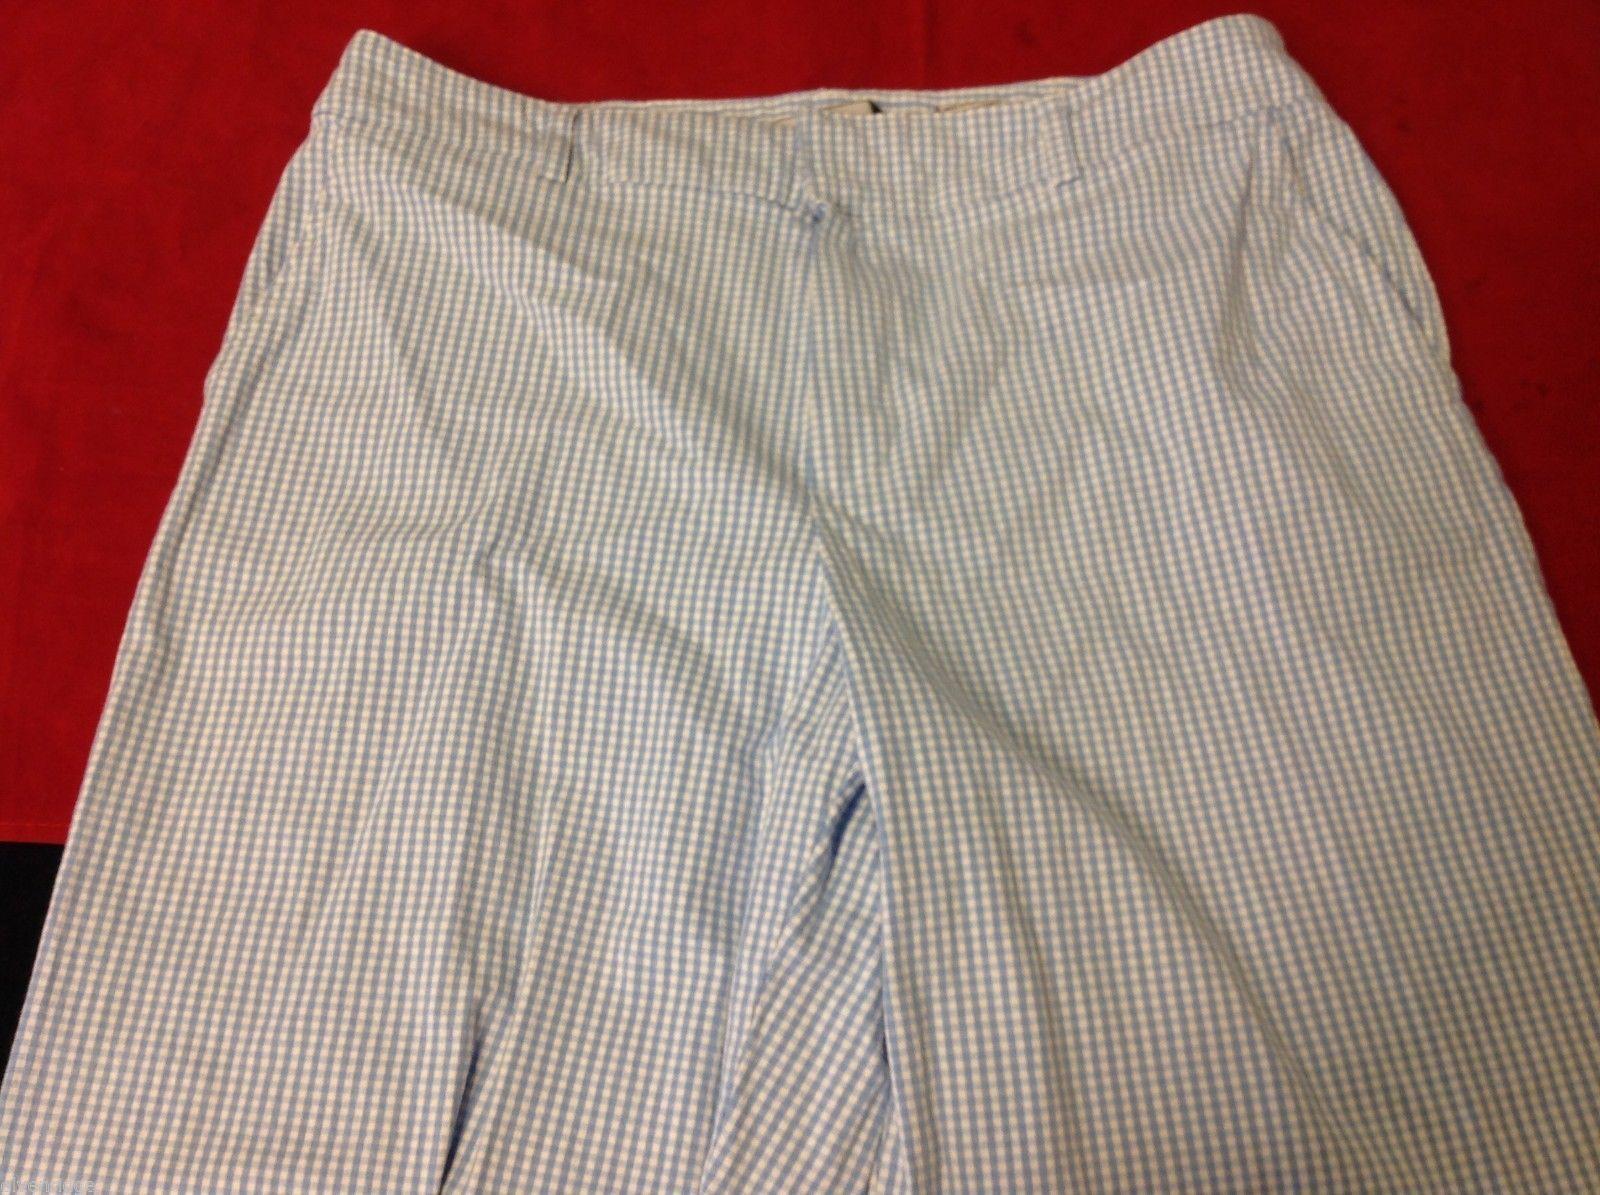 Sag Harbor size 8 petite sport capri pants seersucker type with matching top